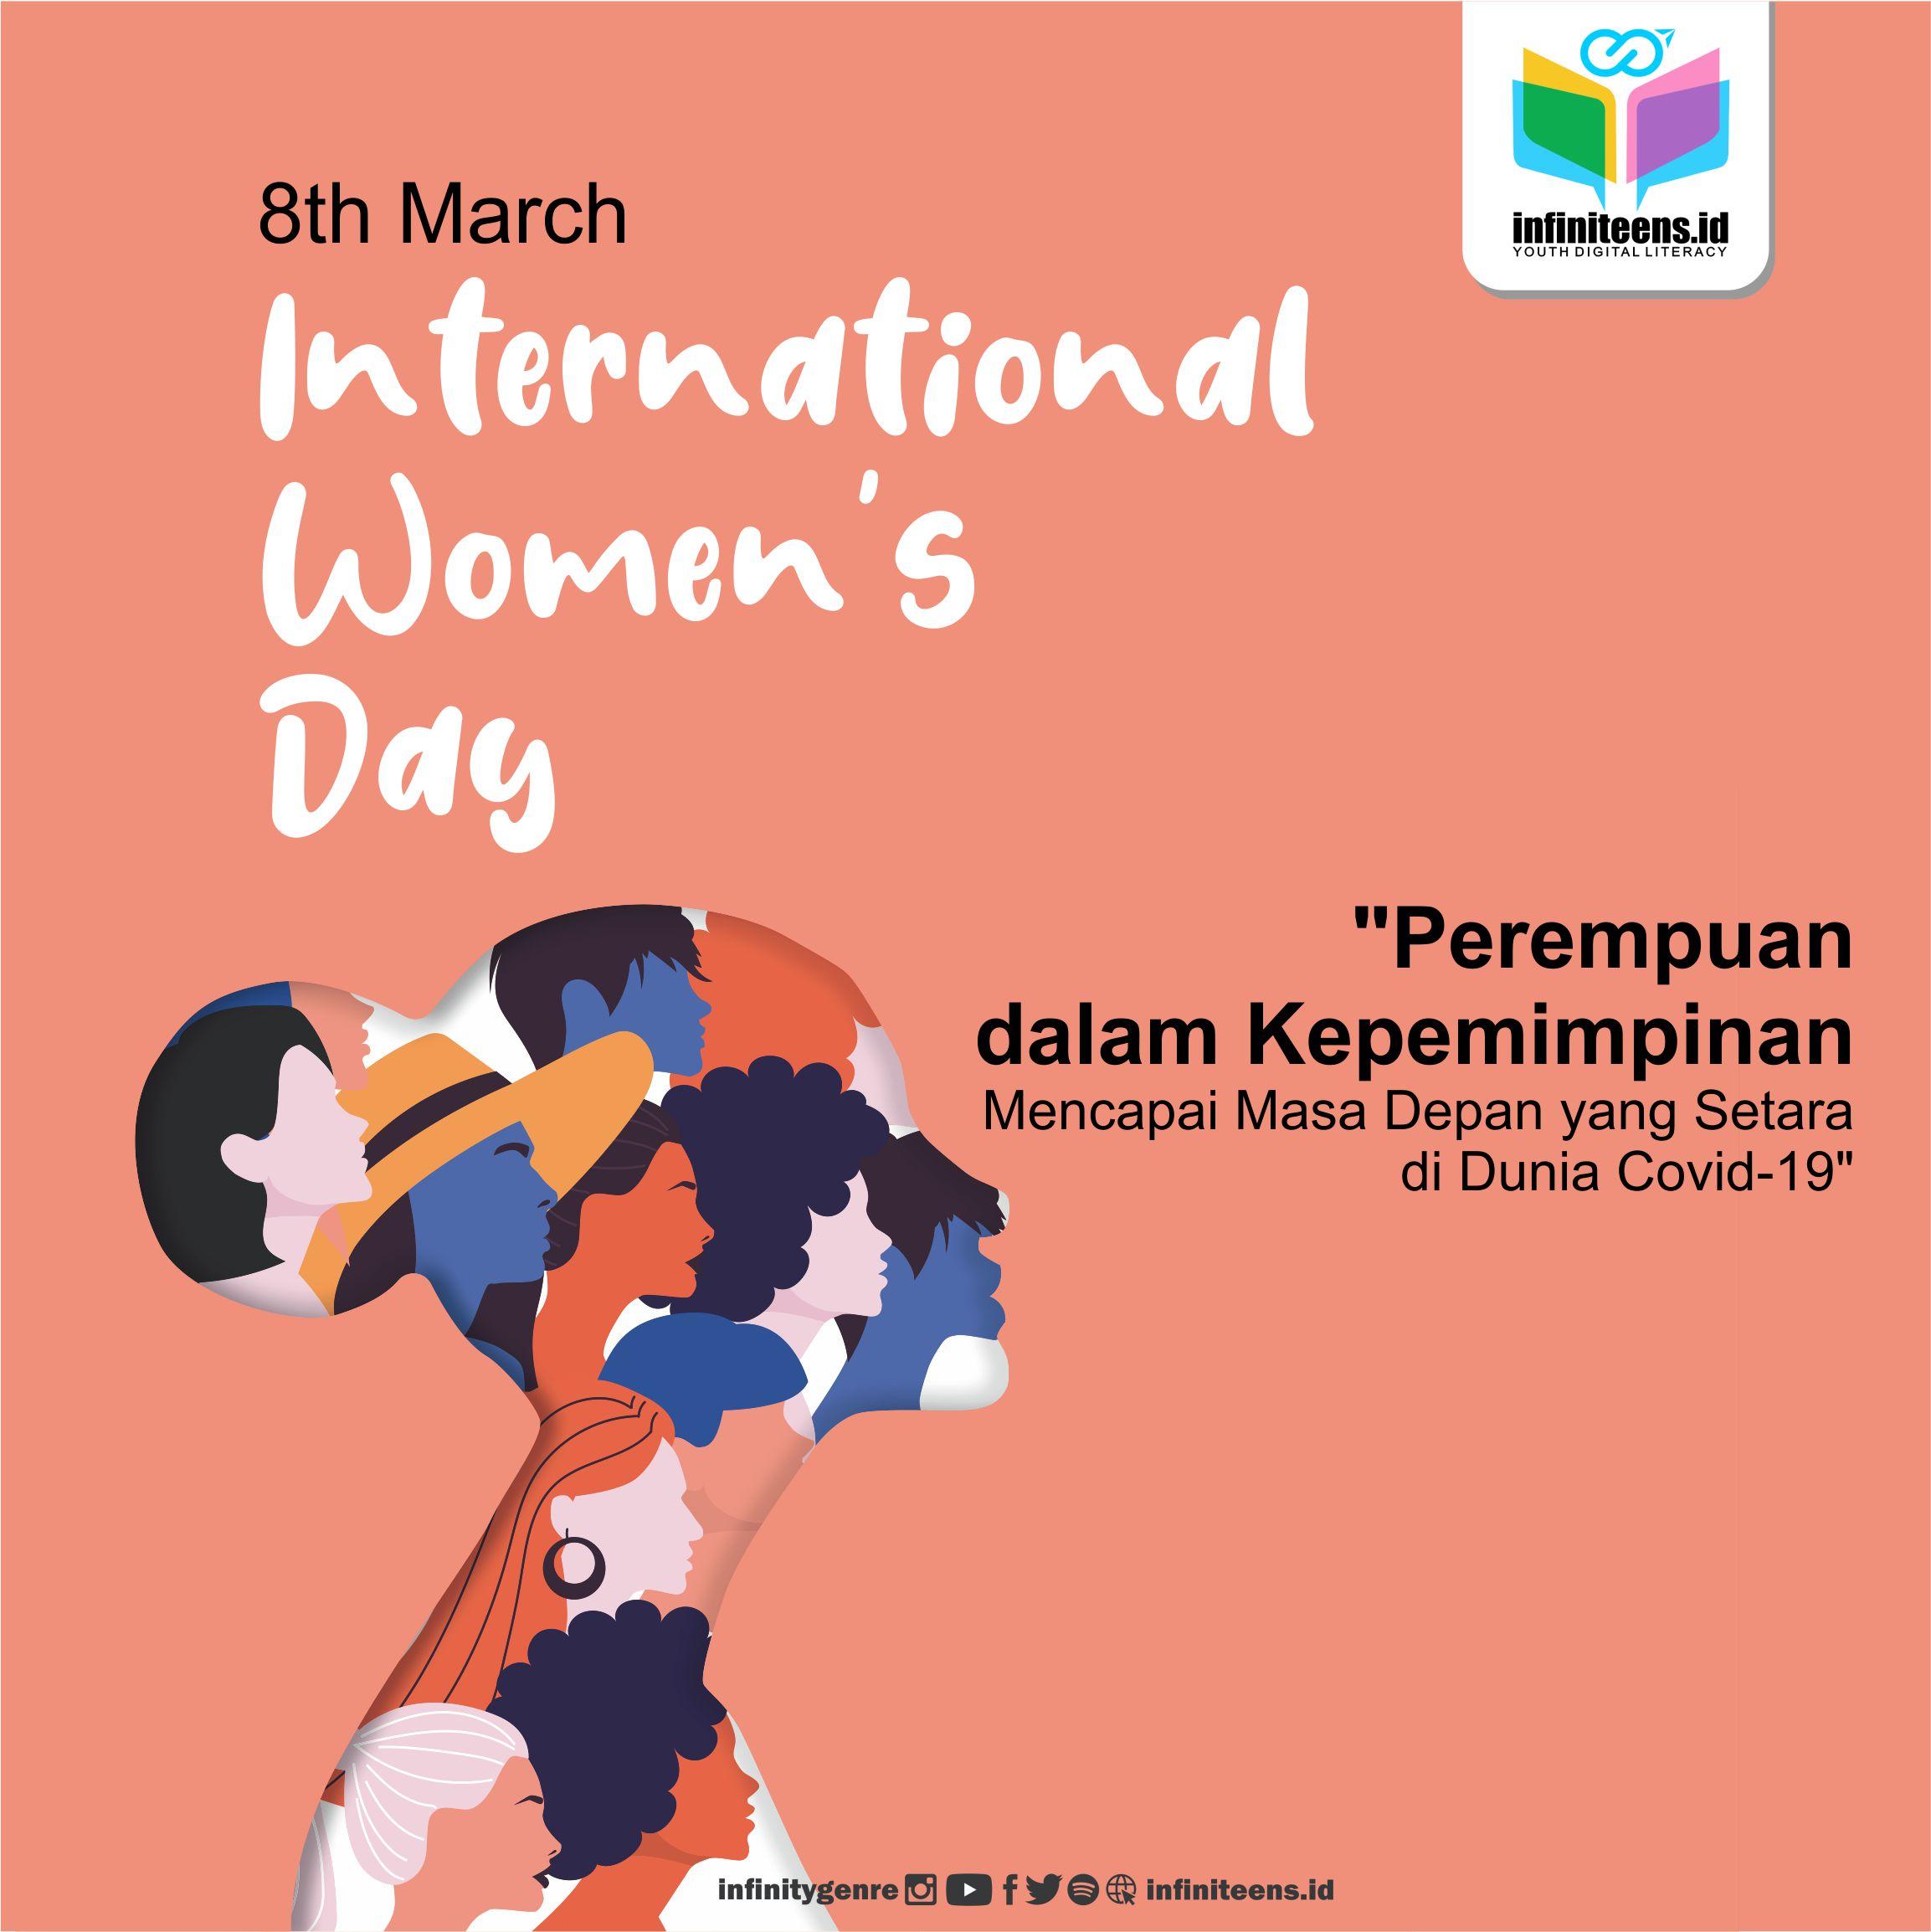 HARI PEREMPUAN INTERNASIONAL: Perempuan dalam Kepemimpinan